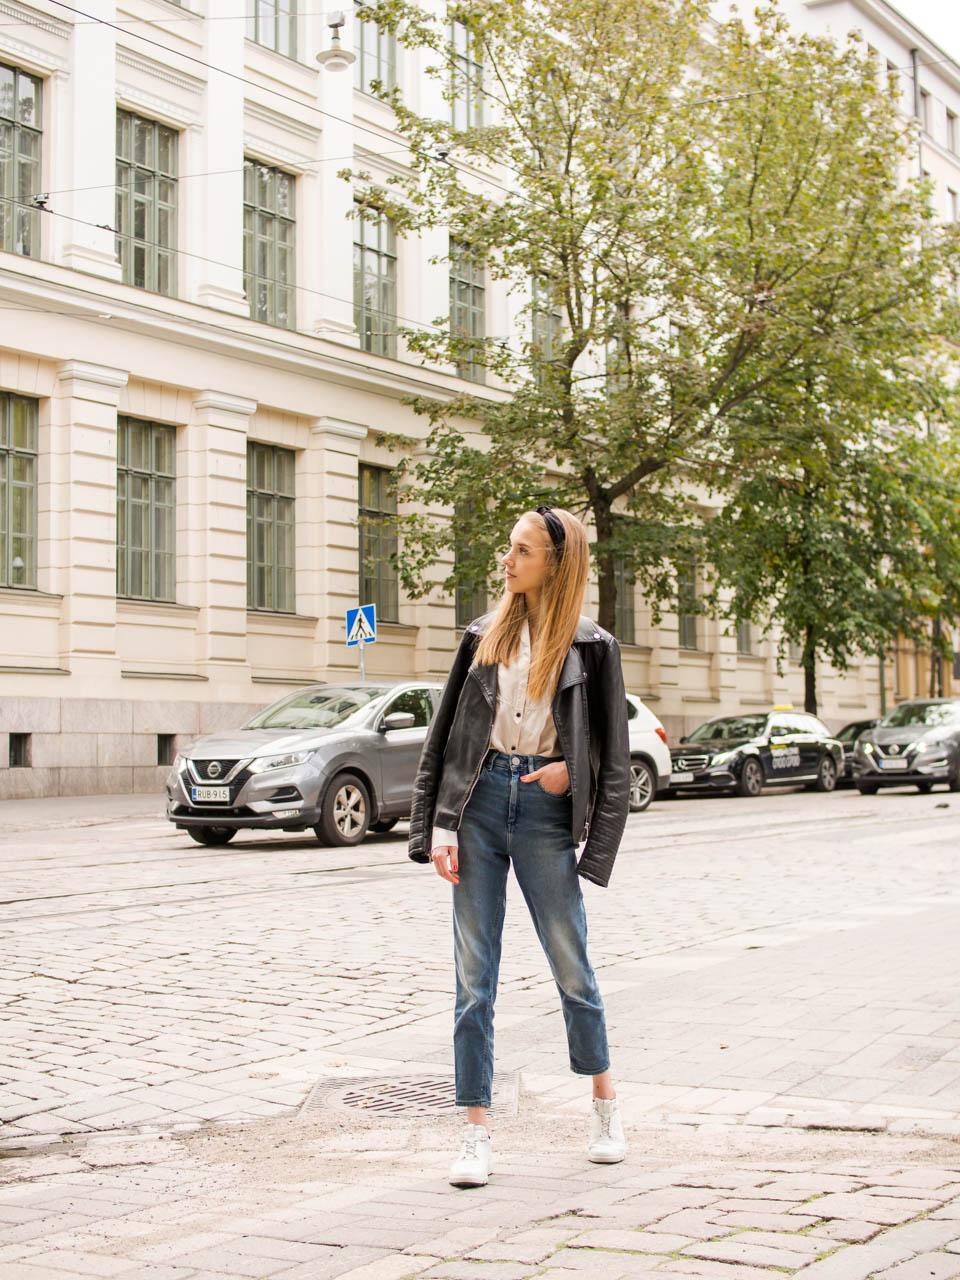 Scandinavian streetstyle inspiration fashion blogger - Syksyinen asu, muotibloggaaja, Helsinki